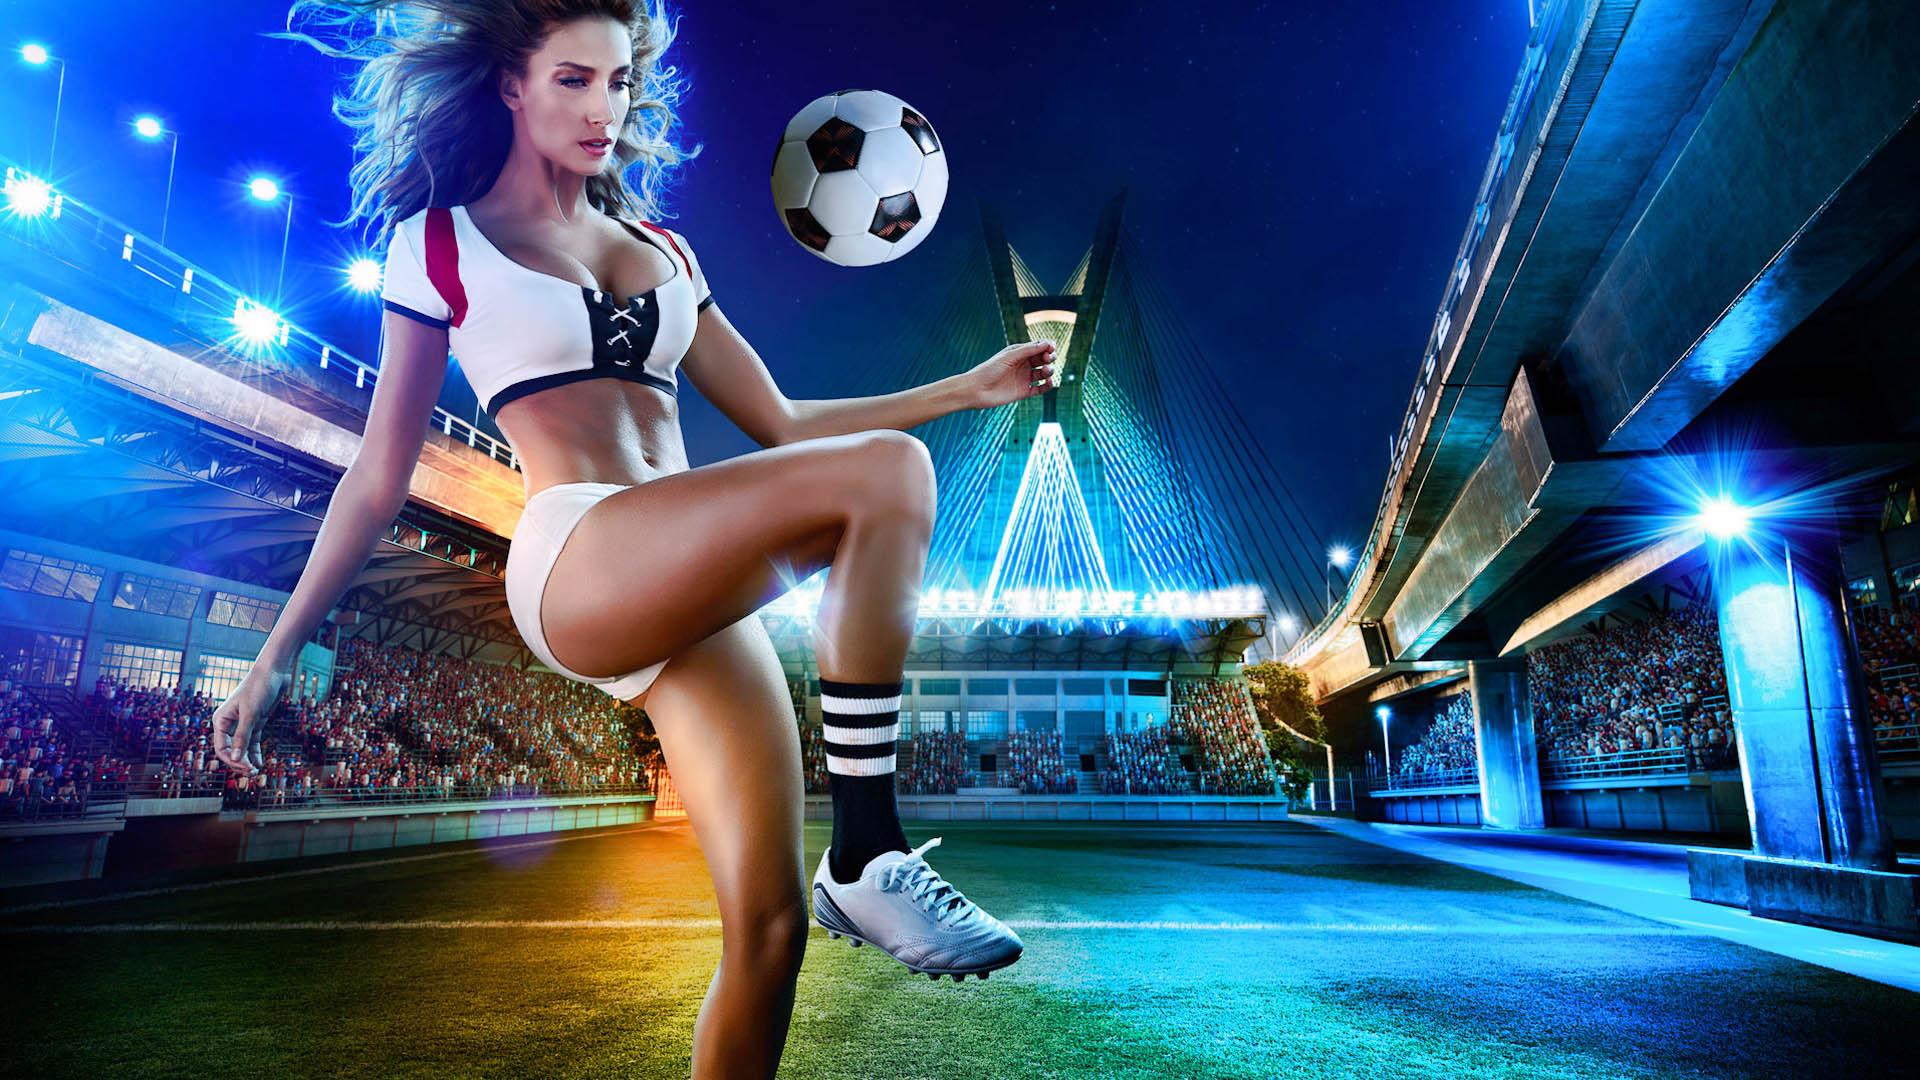 足球宝贝带你看巴西世界杯